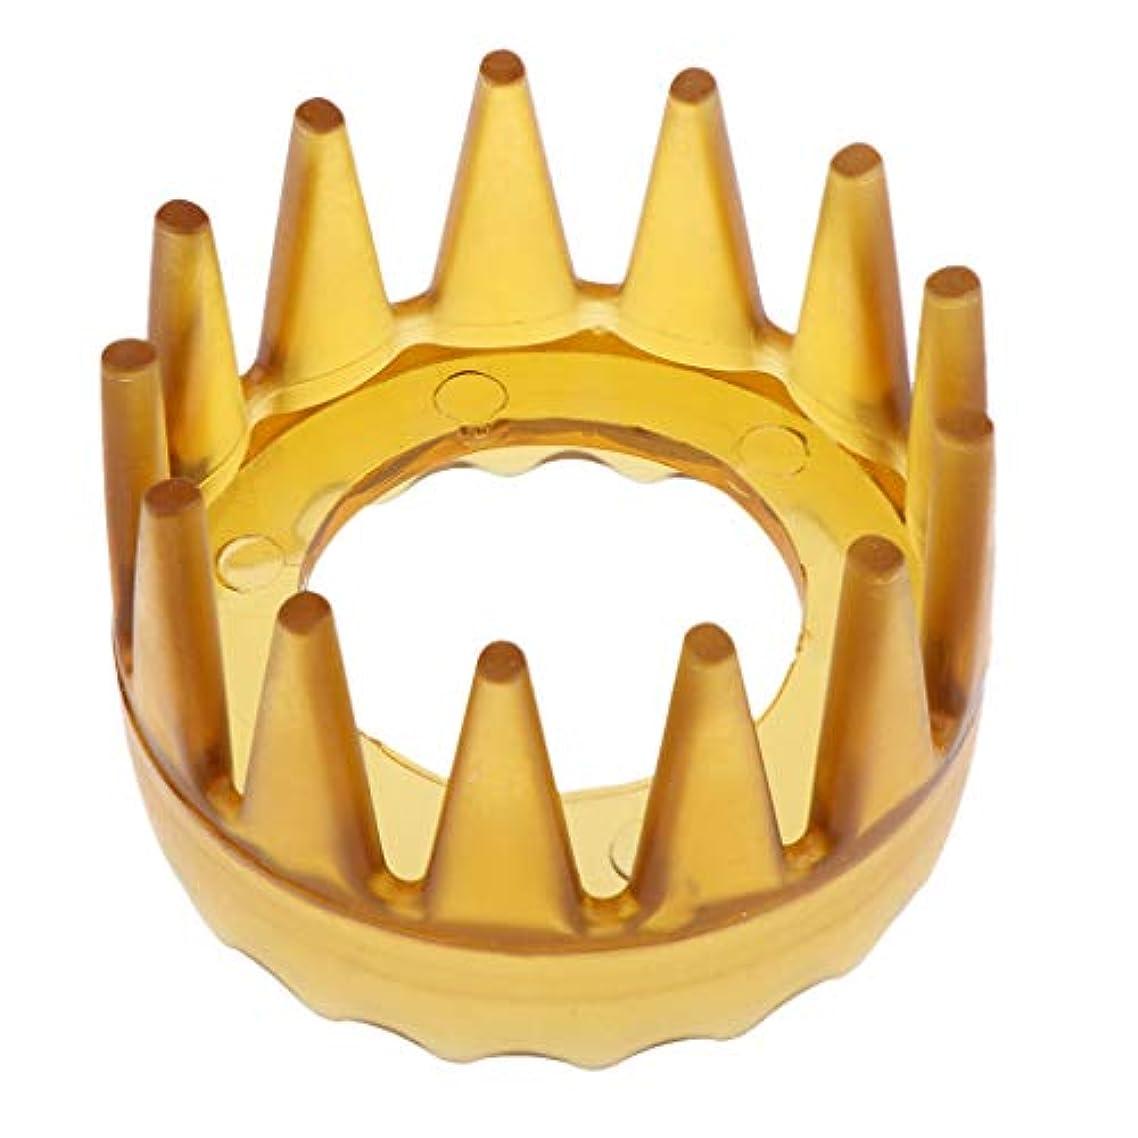 州サーキュレーションレインコートヘアケアブラシ 頭皮マッサージ 滑り止め 櫛 くし 4色選べ - 黄